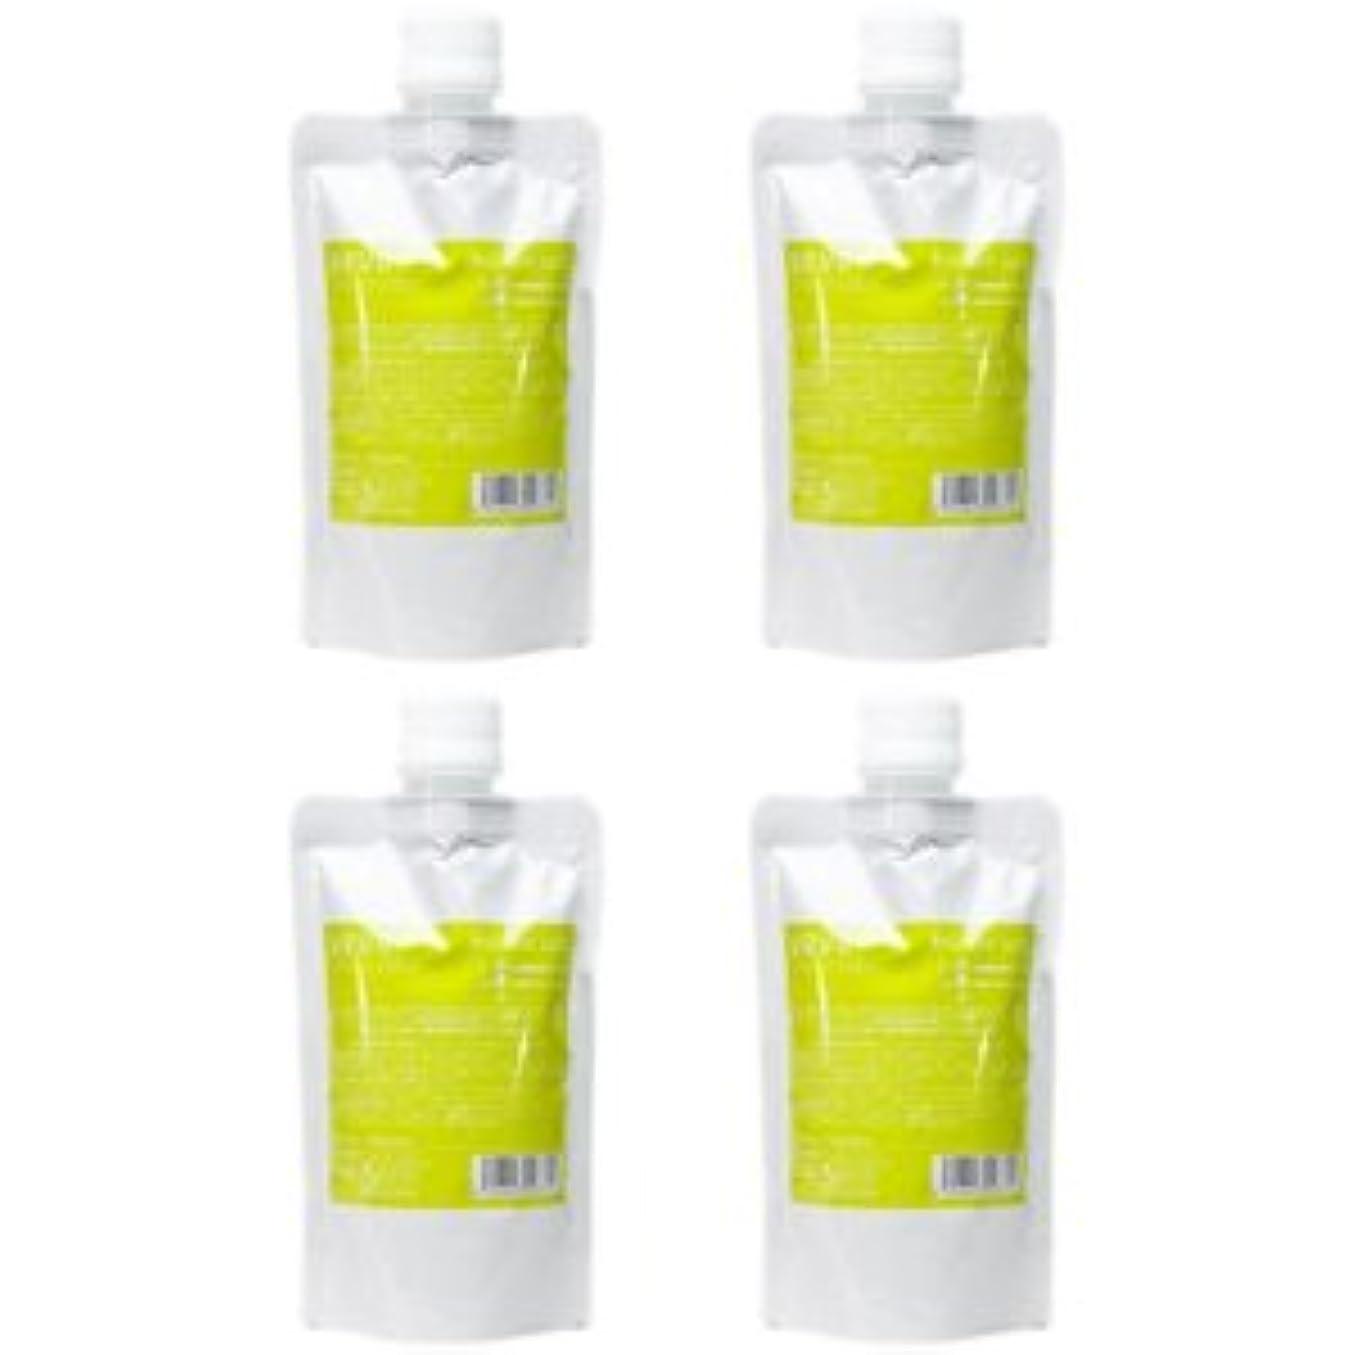 ラッチ強大な嘆く【X4個セット】 デミ ウェーボ デザインキューブ エアルーズワックス 200g 業務用 airloose wax DEMI uevo design cube